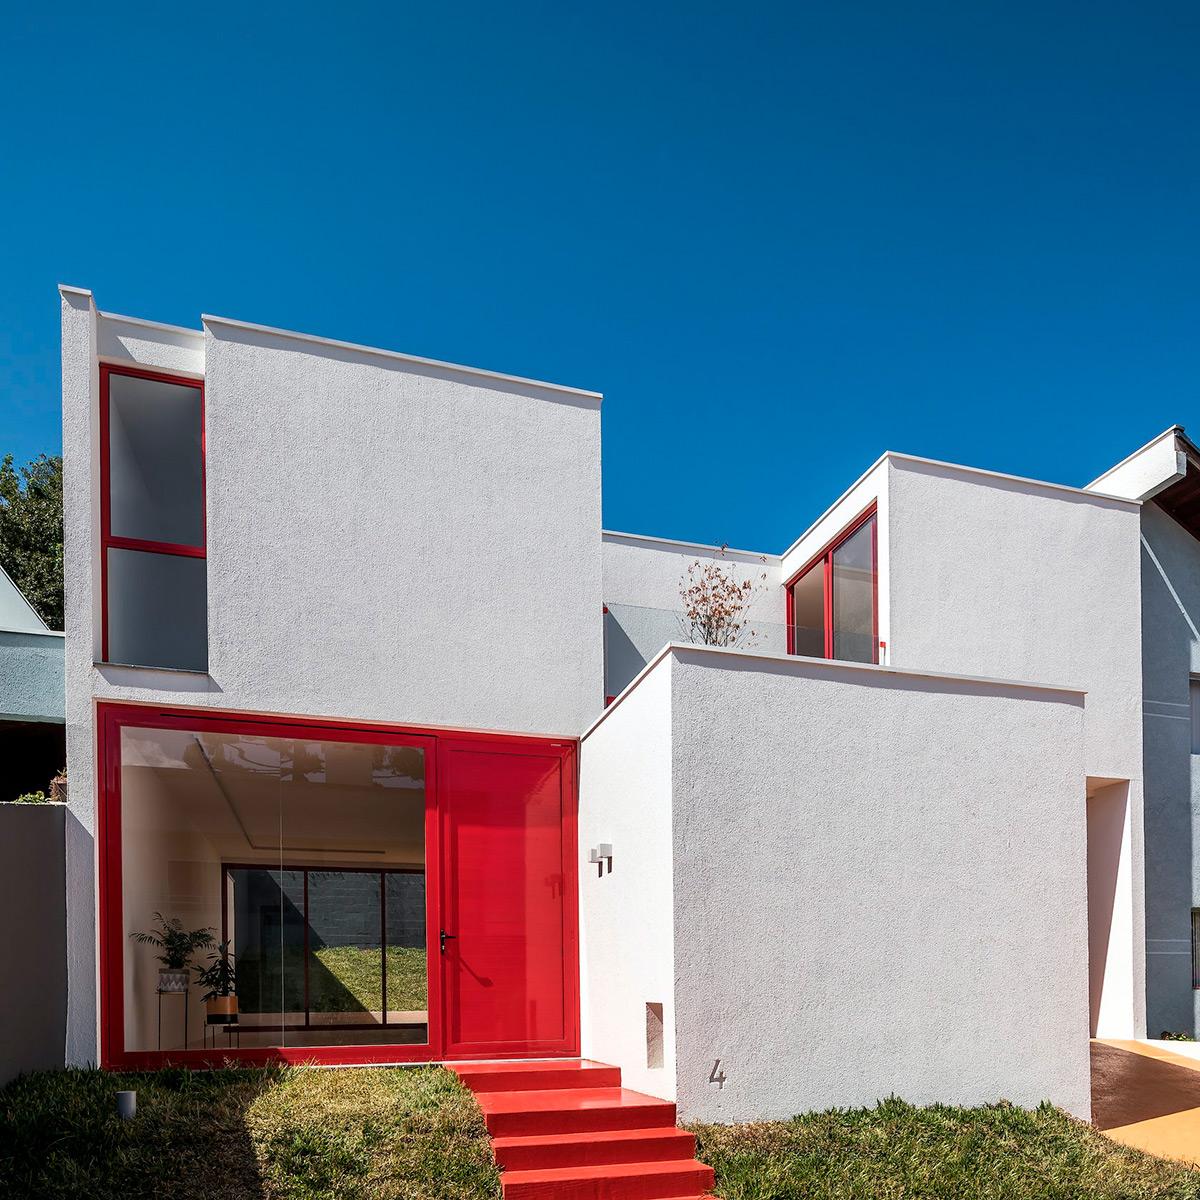 Casa-Guara-Nommo-Arquitetos-Eduardo-Macarios-03